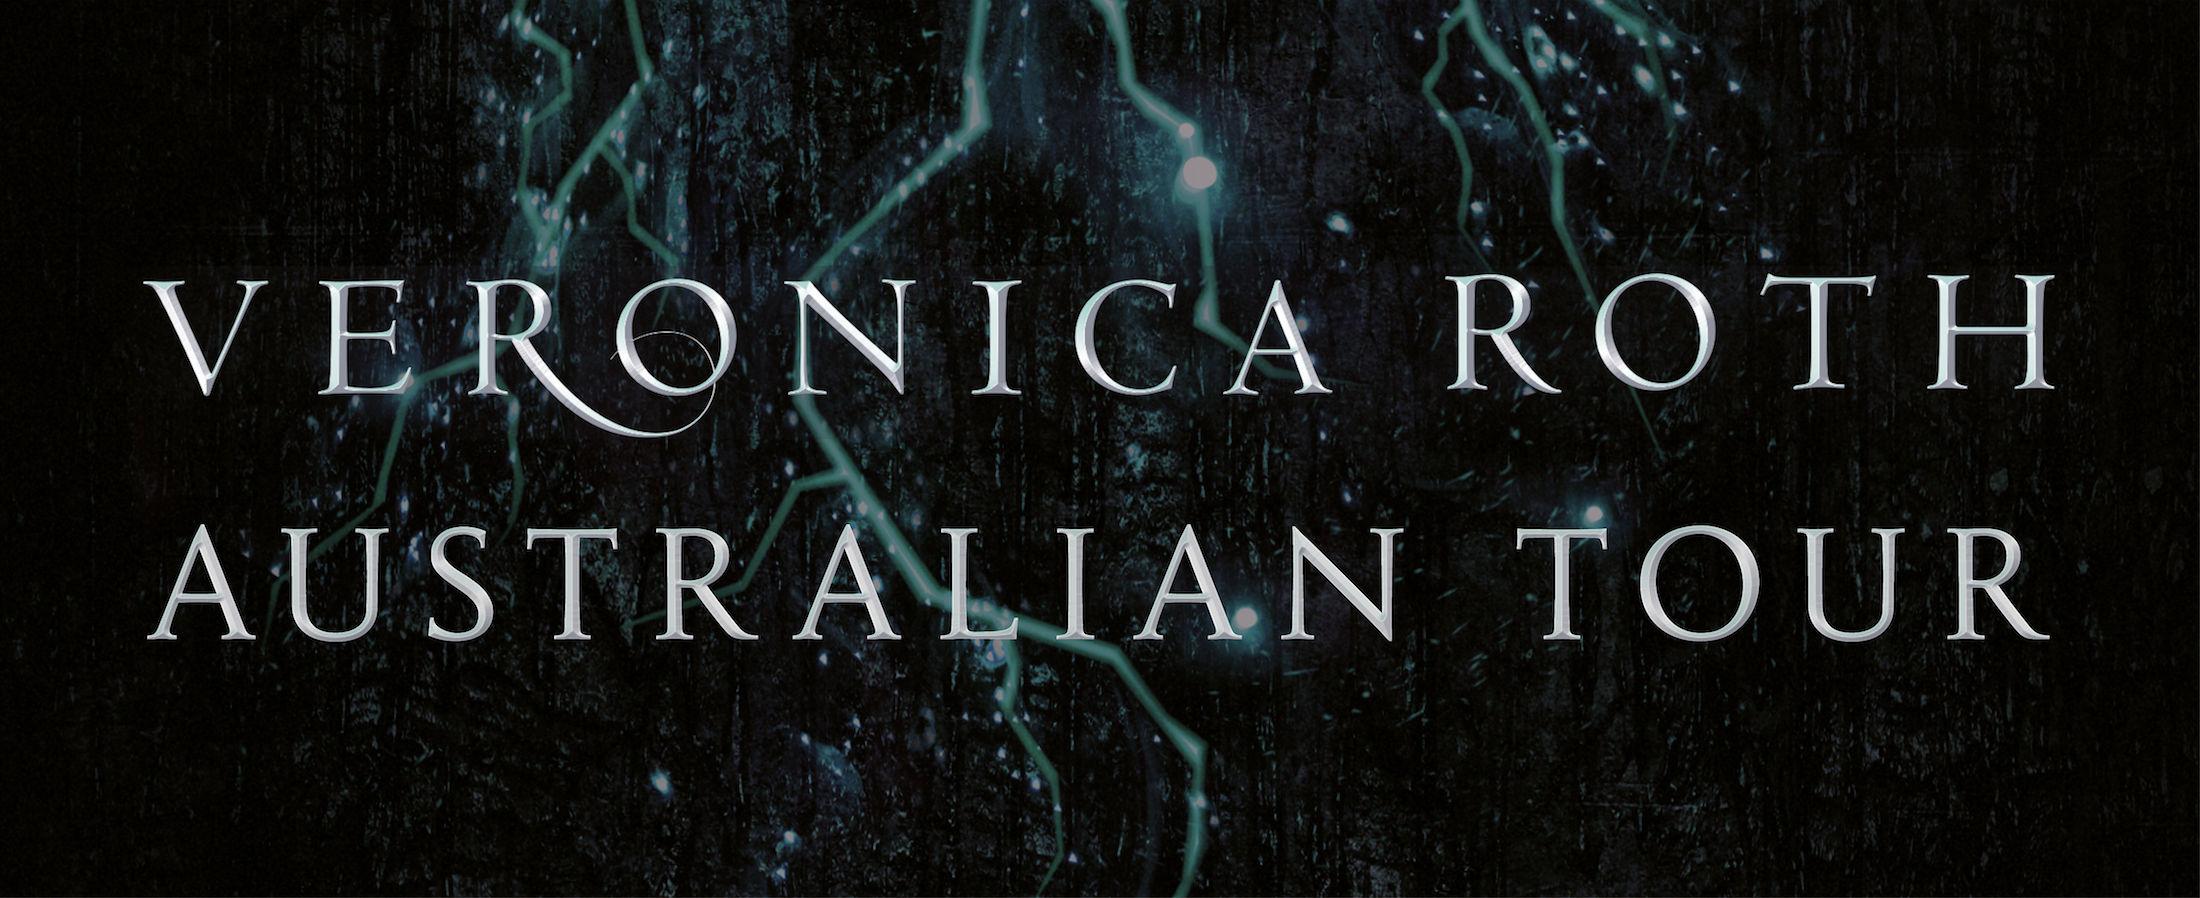 Veronica Roth Australia tour event